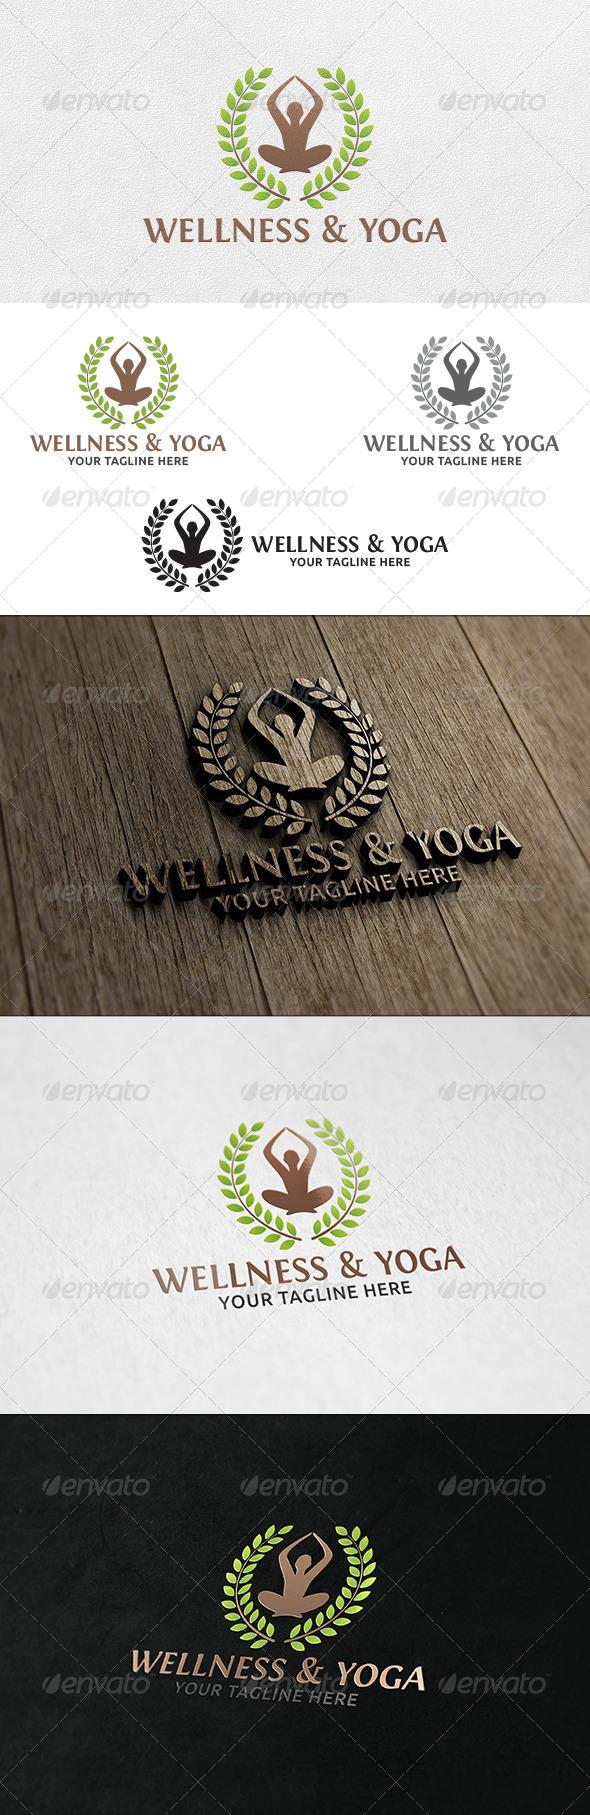 GraphicRiver Wellness & Yoga Logo Template 6396510